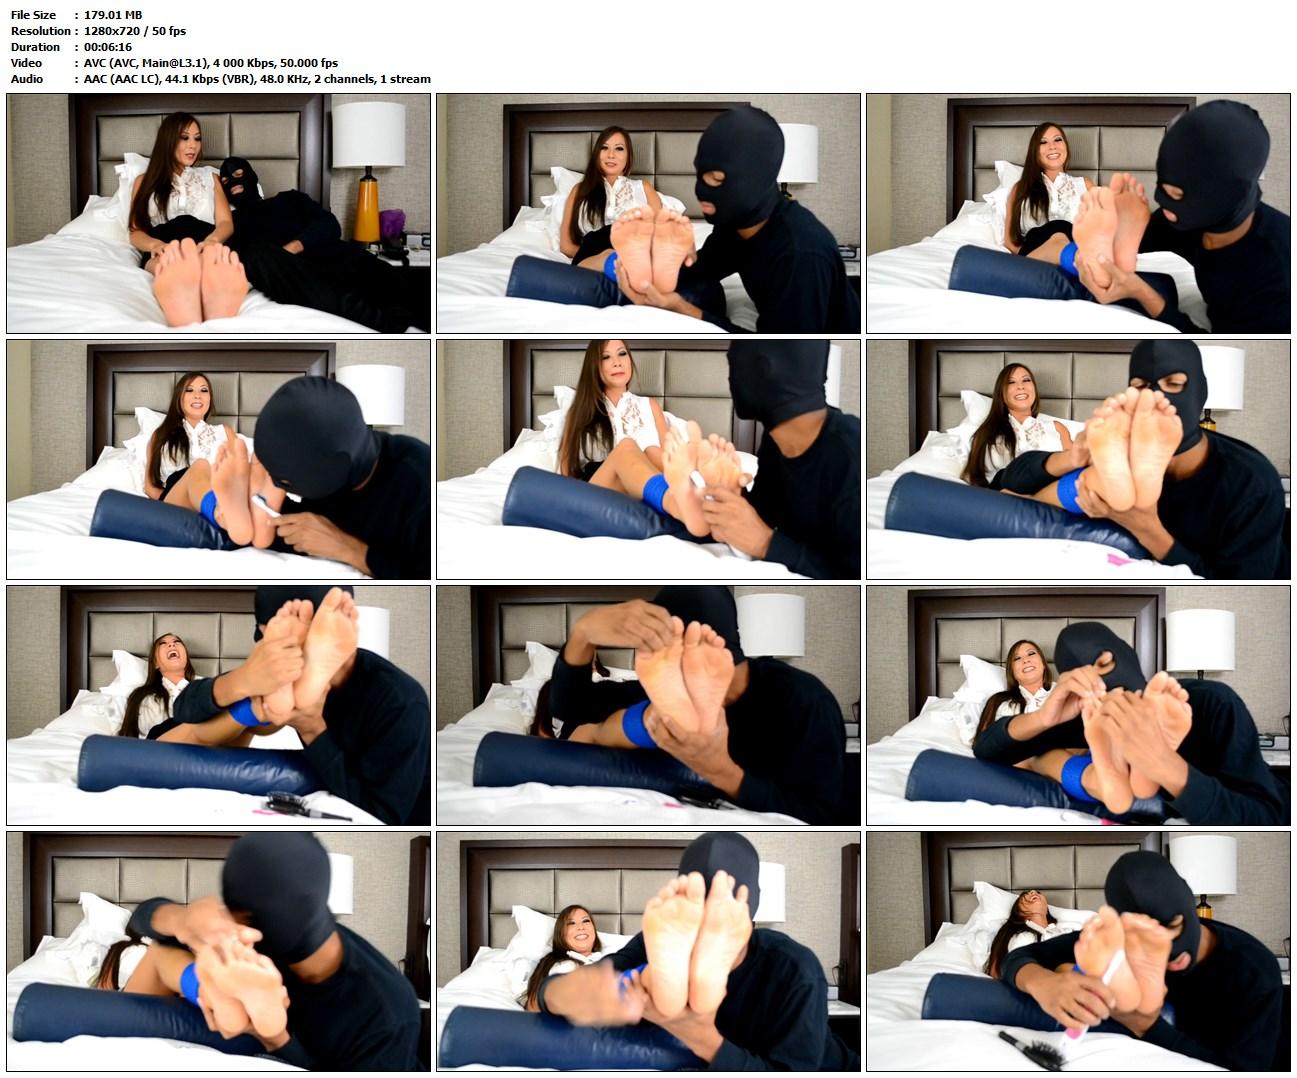 Lesbian letha massage